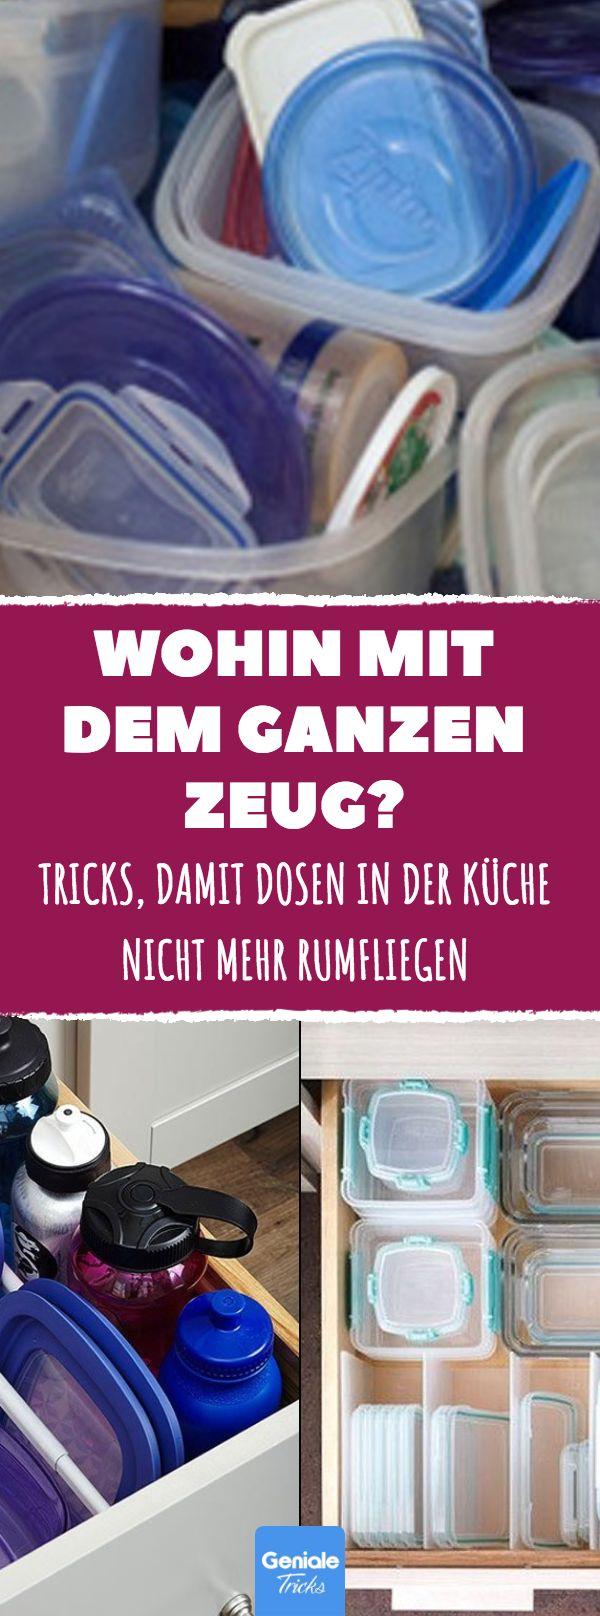 Tricks, damit Dosen in der Küche nicht mehr rumfl…